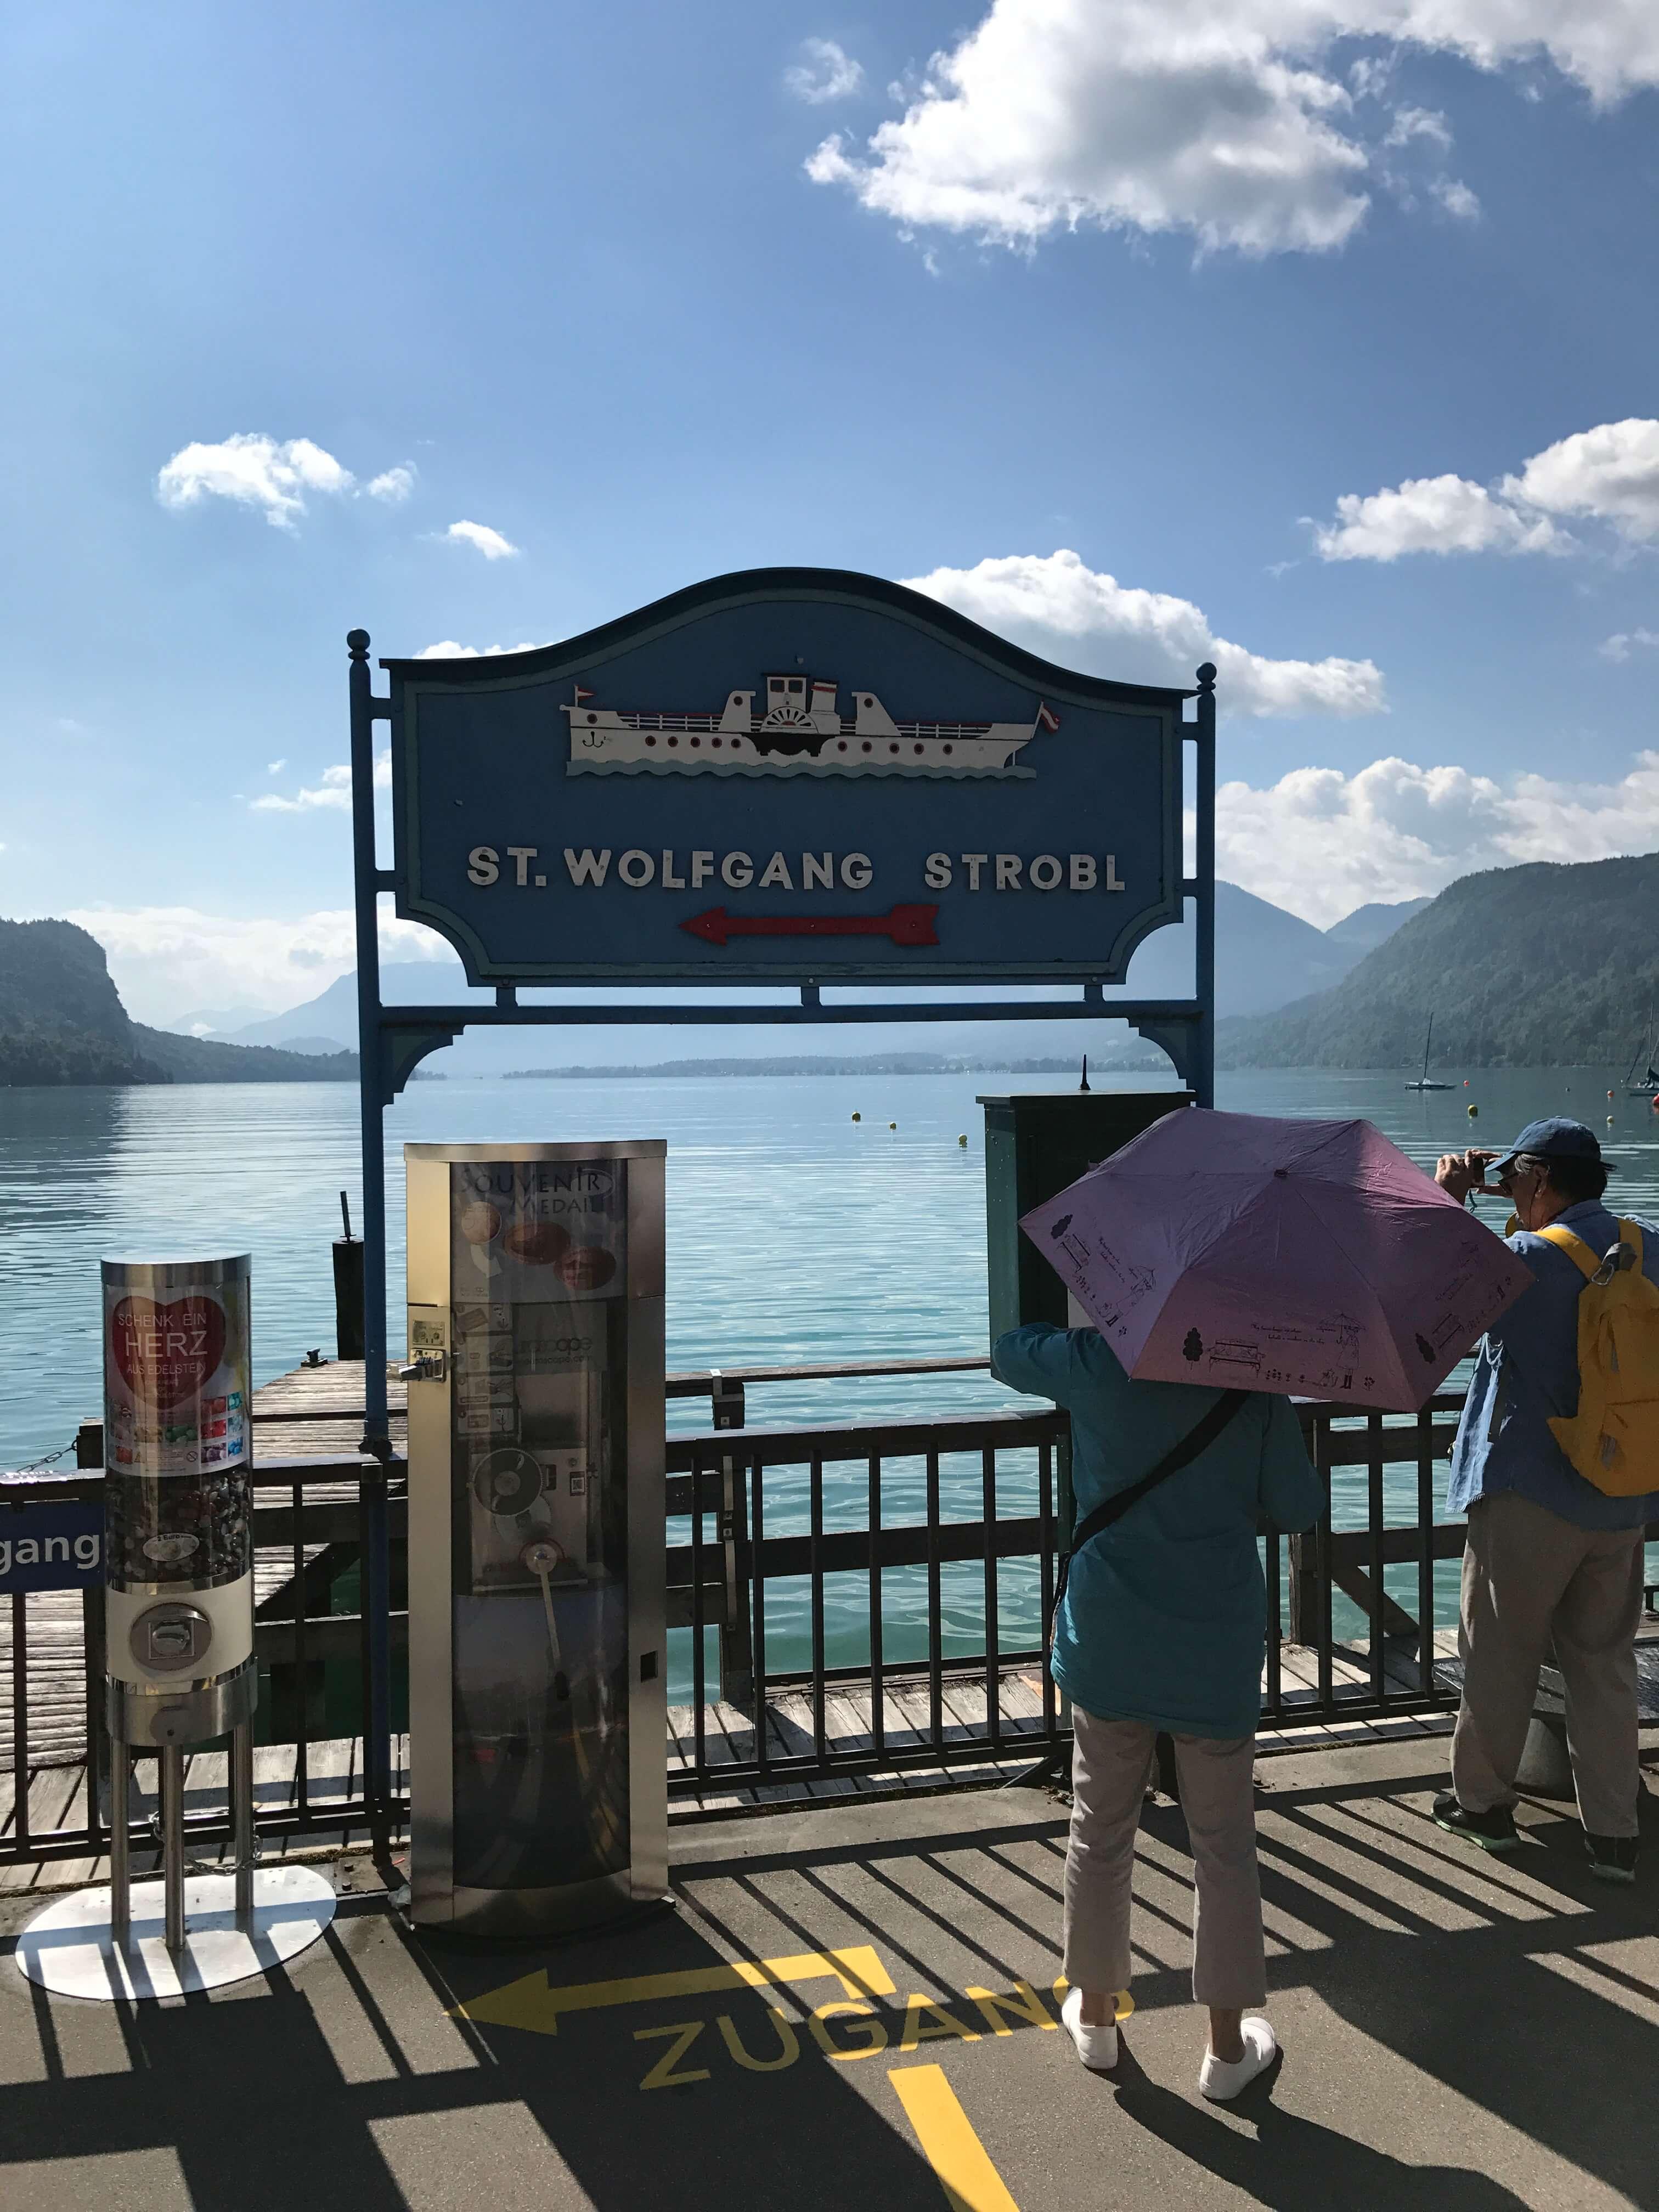 搭船遊沃夫岡湖,前往聖沃夫岡的碼頭。Photographer / Penny